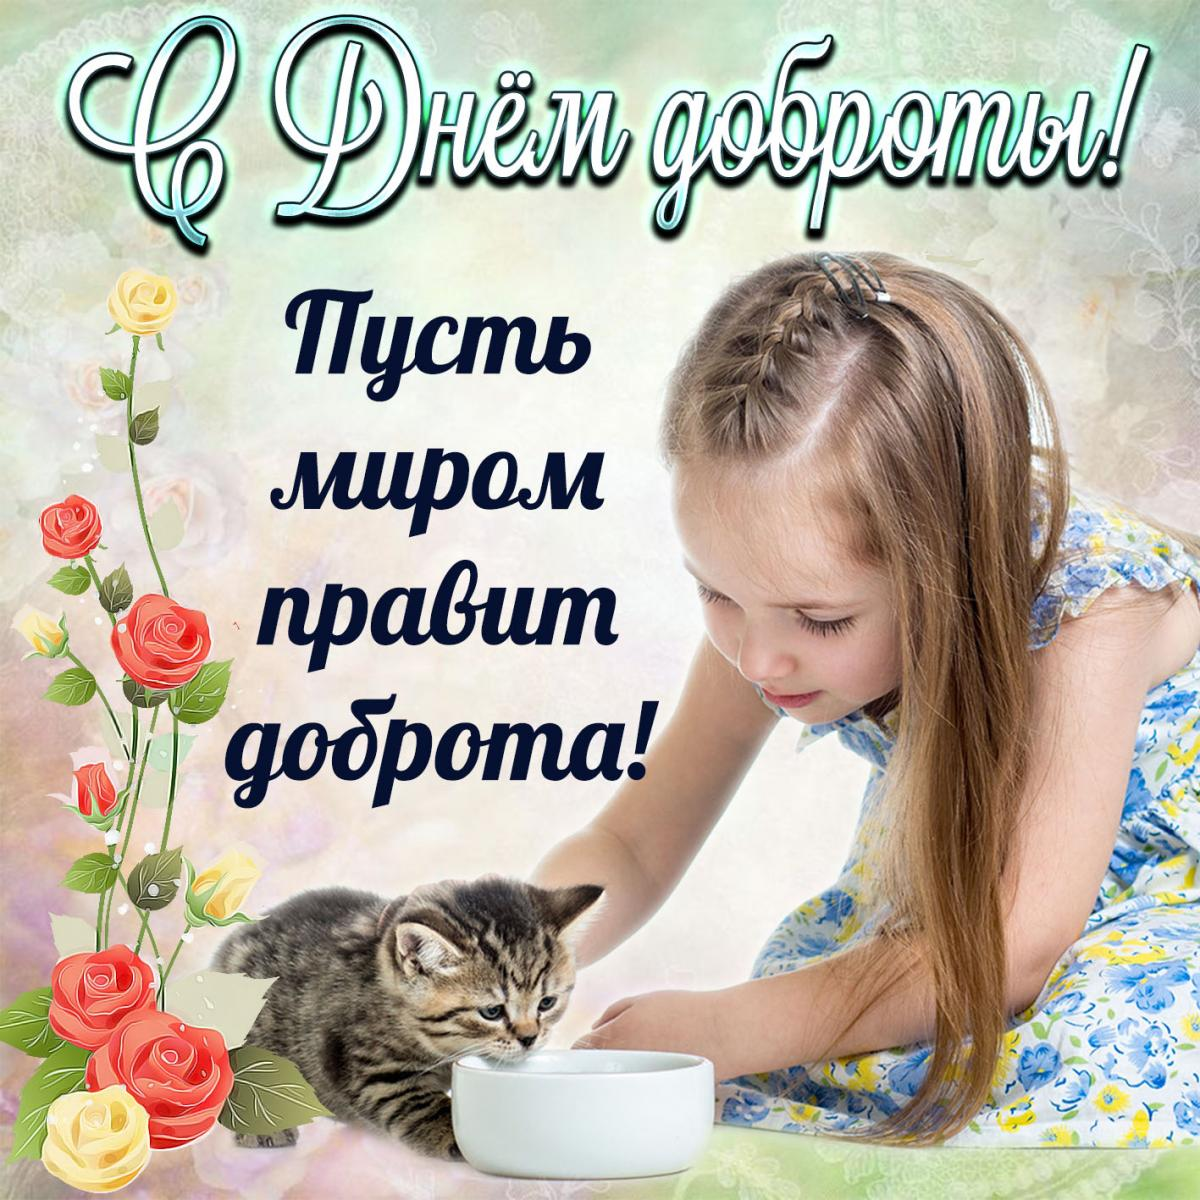 Международный день доброты / фото forumsmile.ru